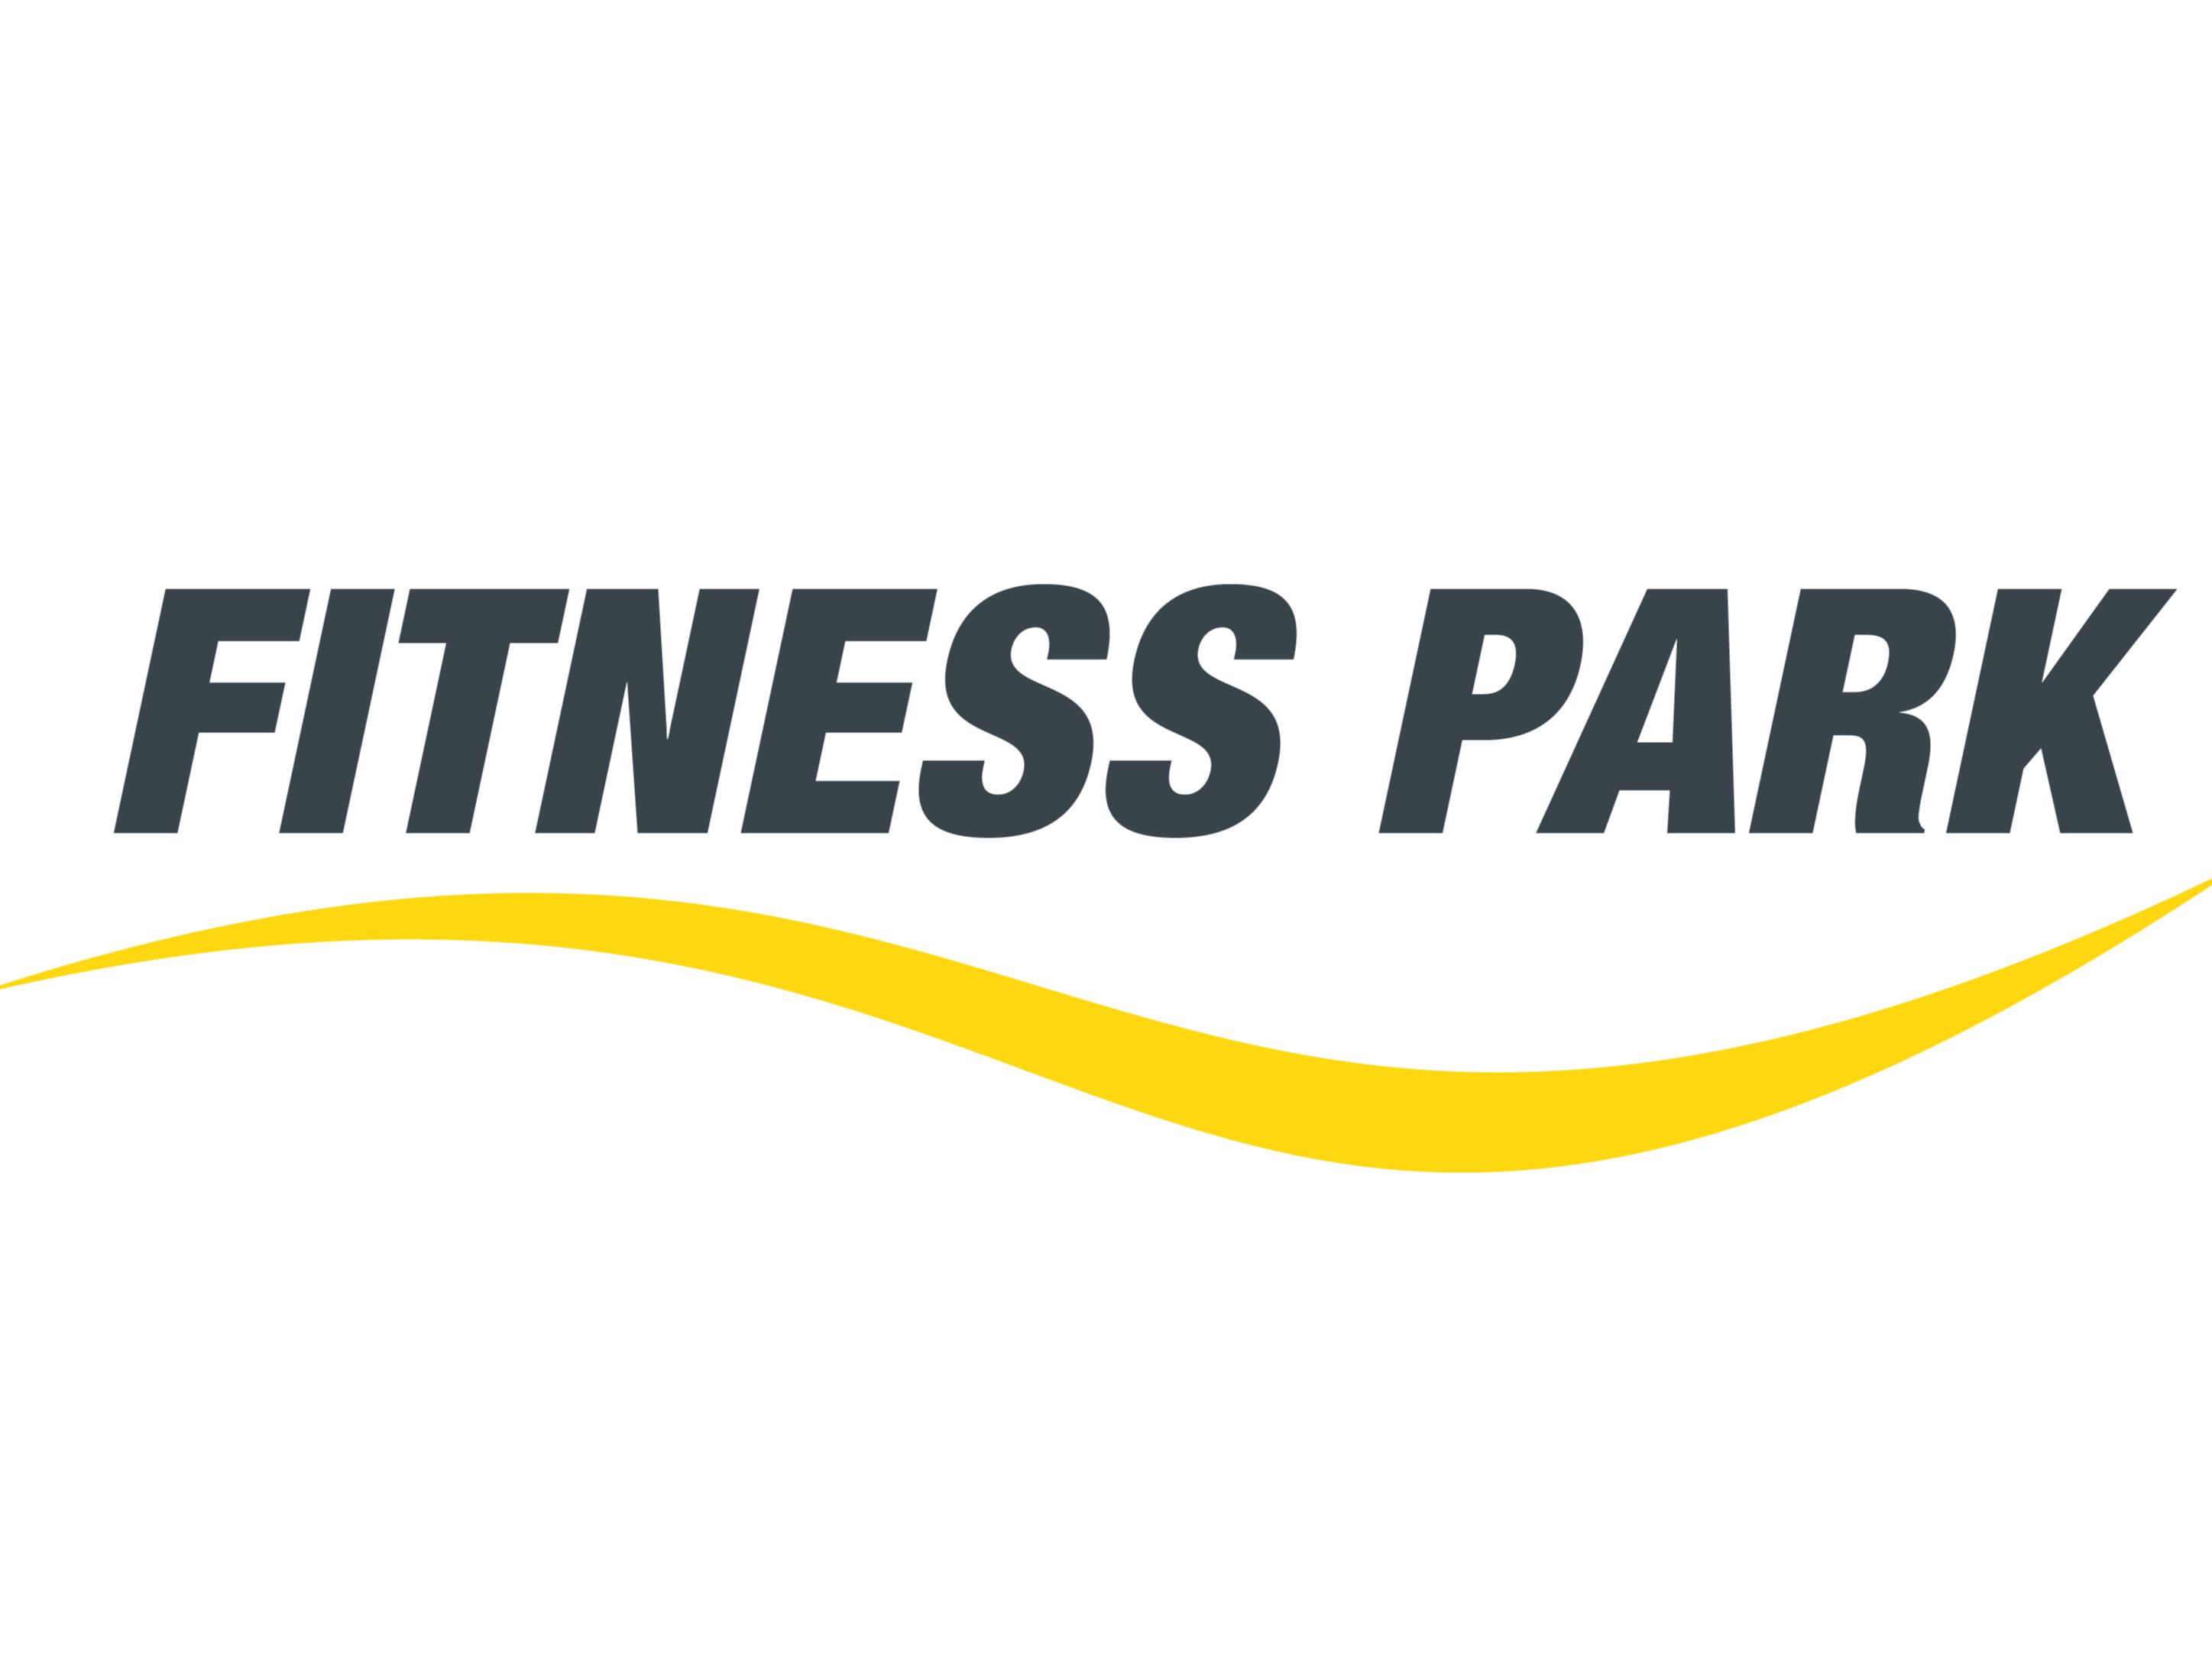 Fitness Park Tours